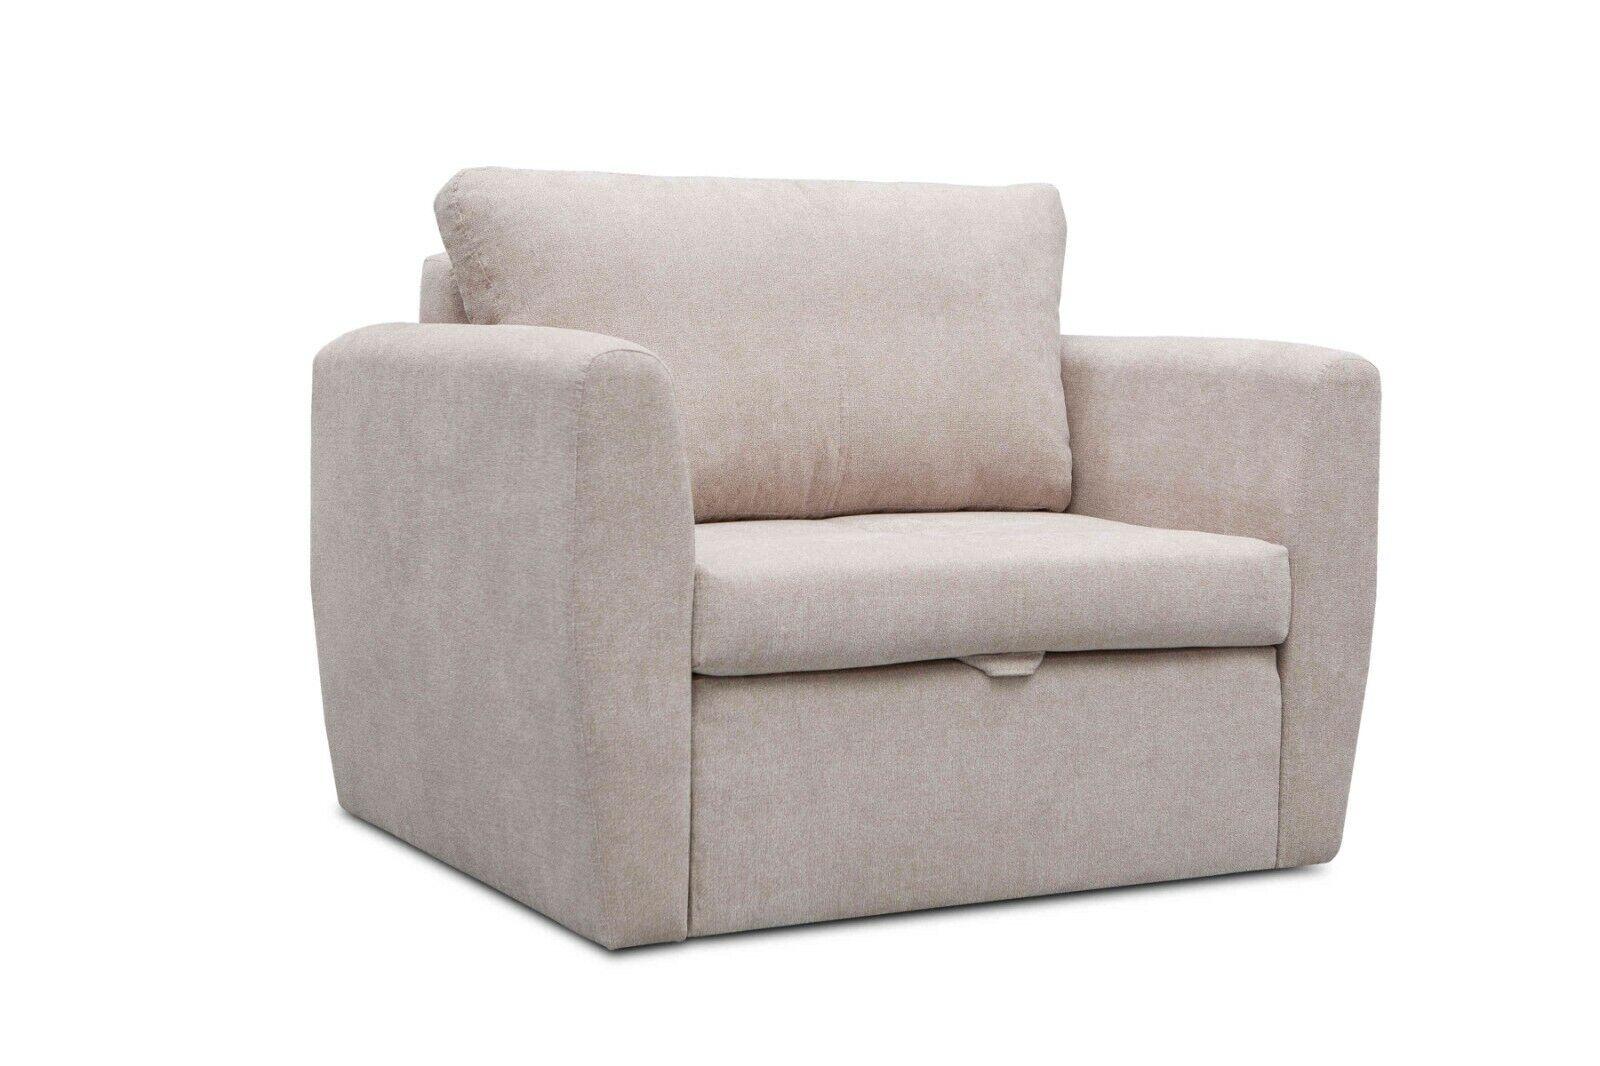 Sessel KAMEL Schlafsofa Couch kleines Sofa Bett Convertible Kinderzimmer Sofa